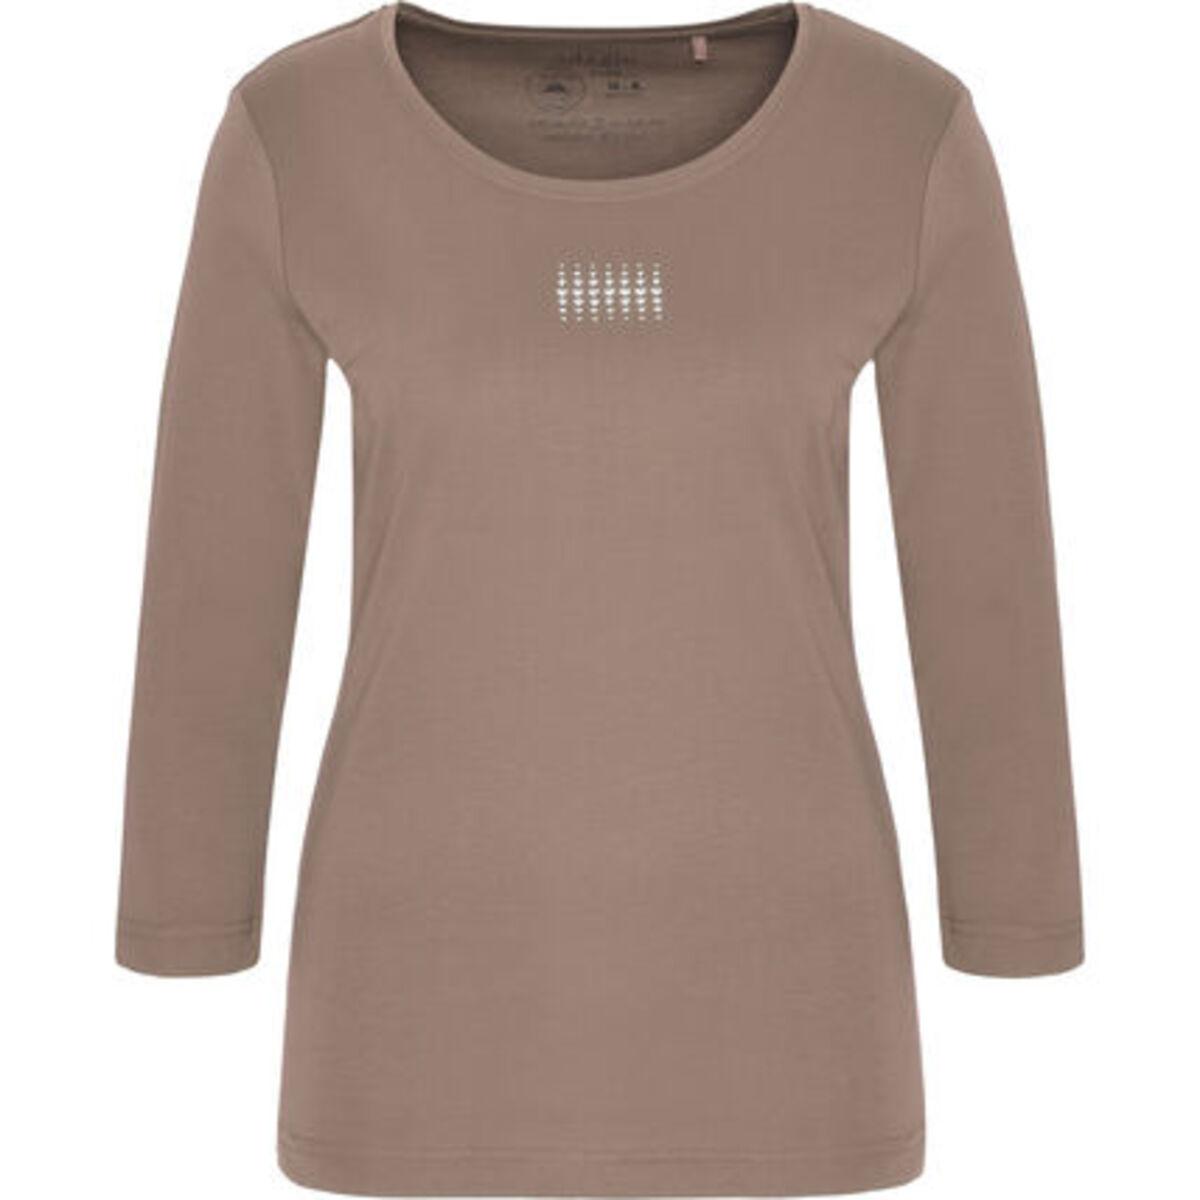 """Bild 1 von Adagio T-Shirt """"Angie"""", 3/4 Ärmel, Strass, Pima Cotton, für Damen"""